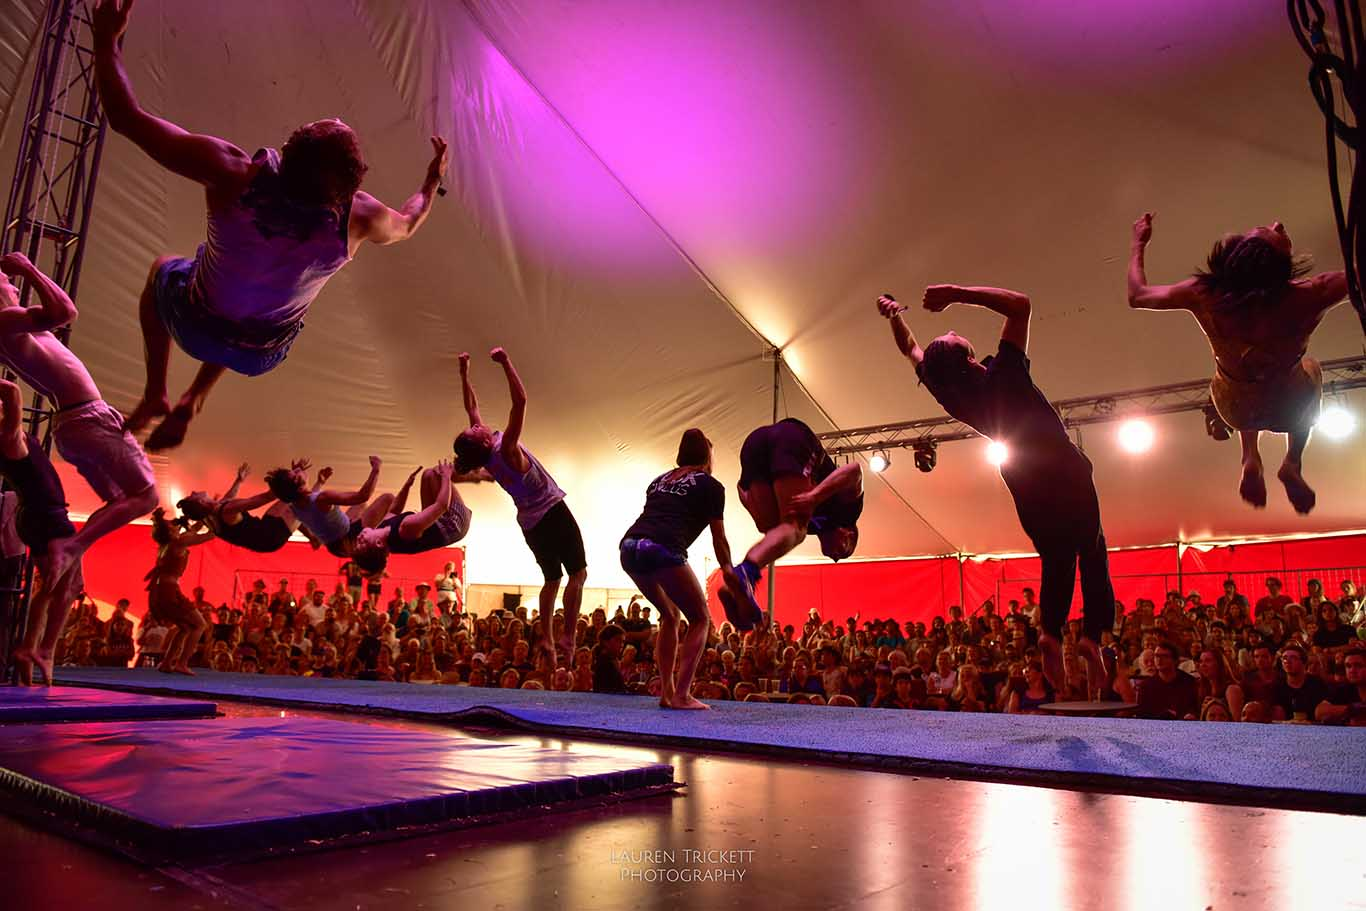 back sault competition at Karnidale Festival